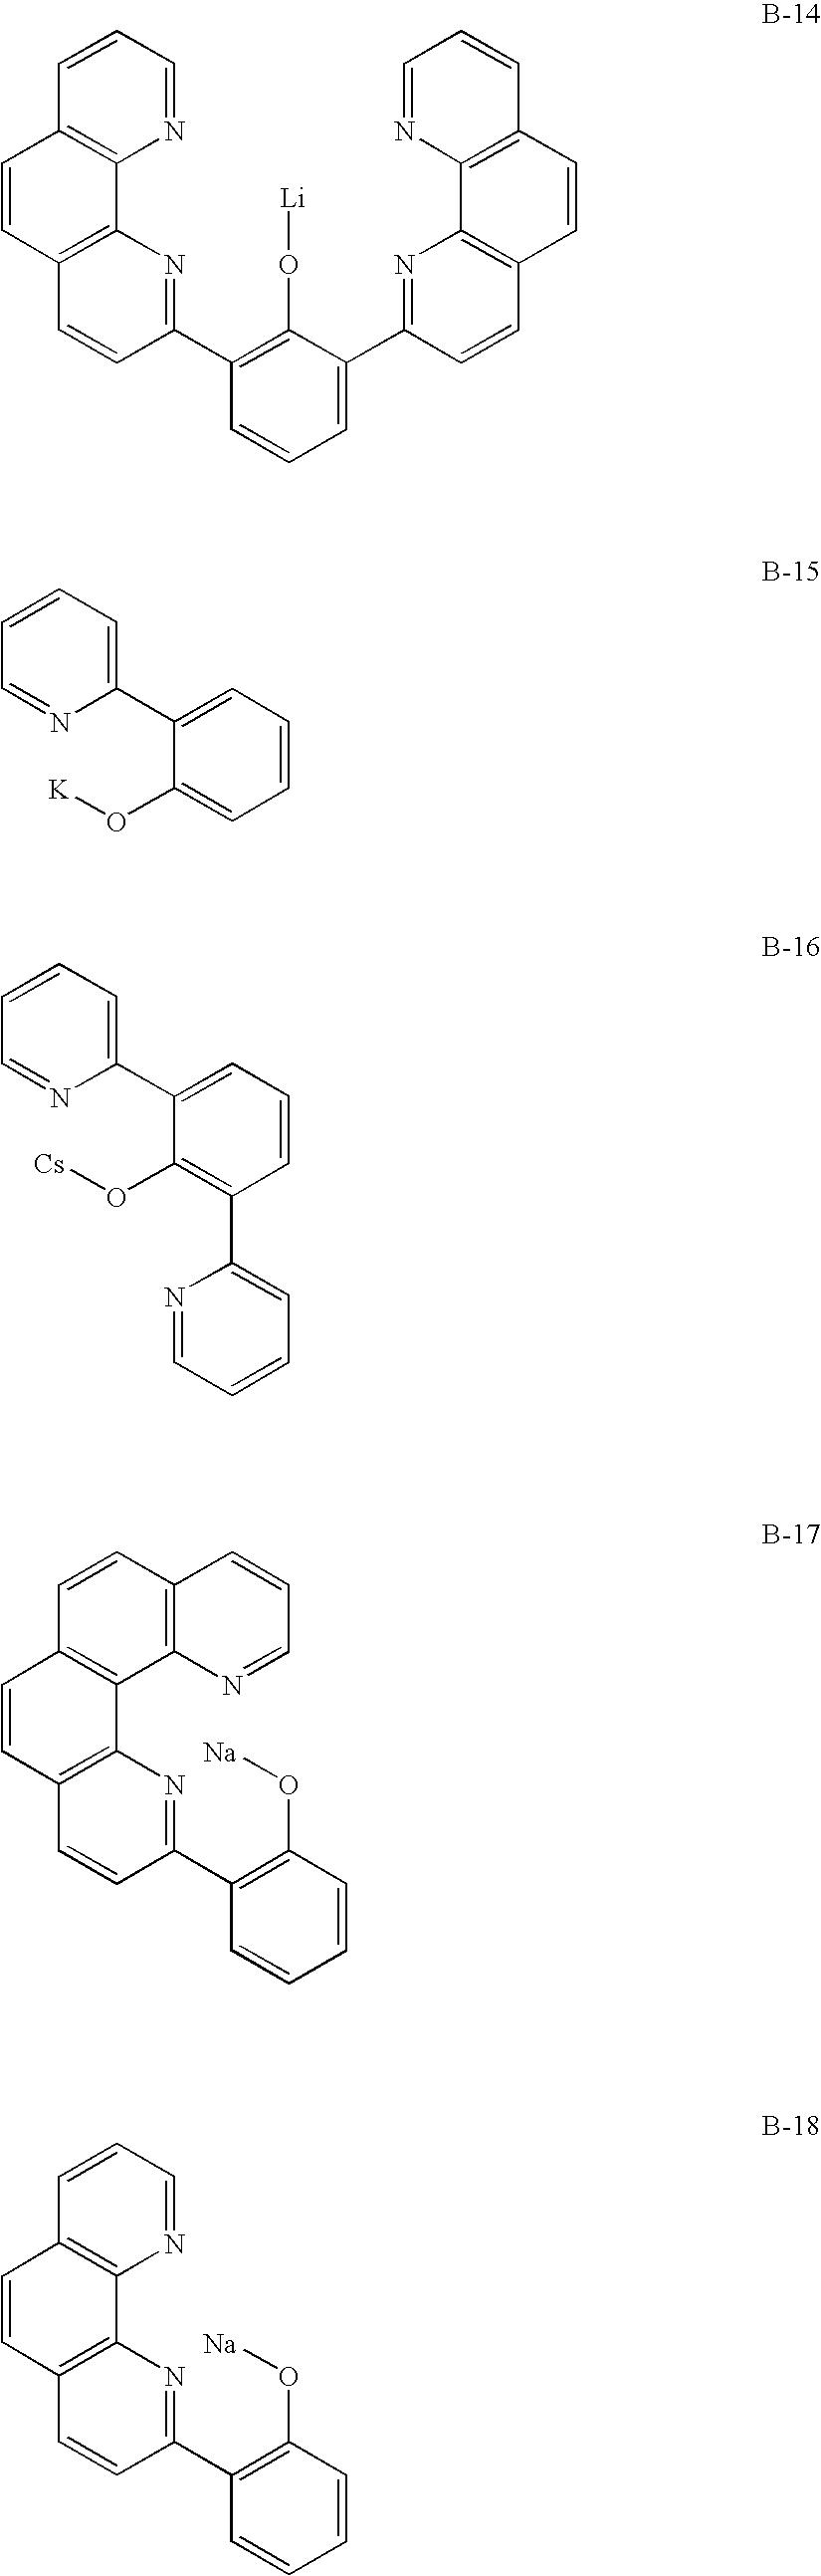 Figure US07821201-20101026-C00004